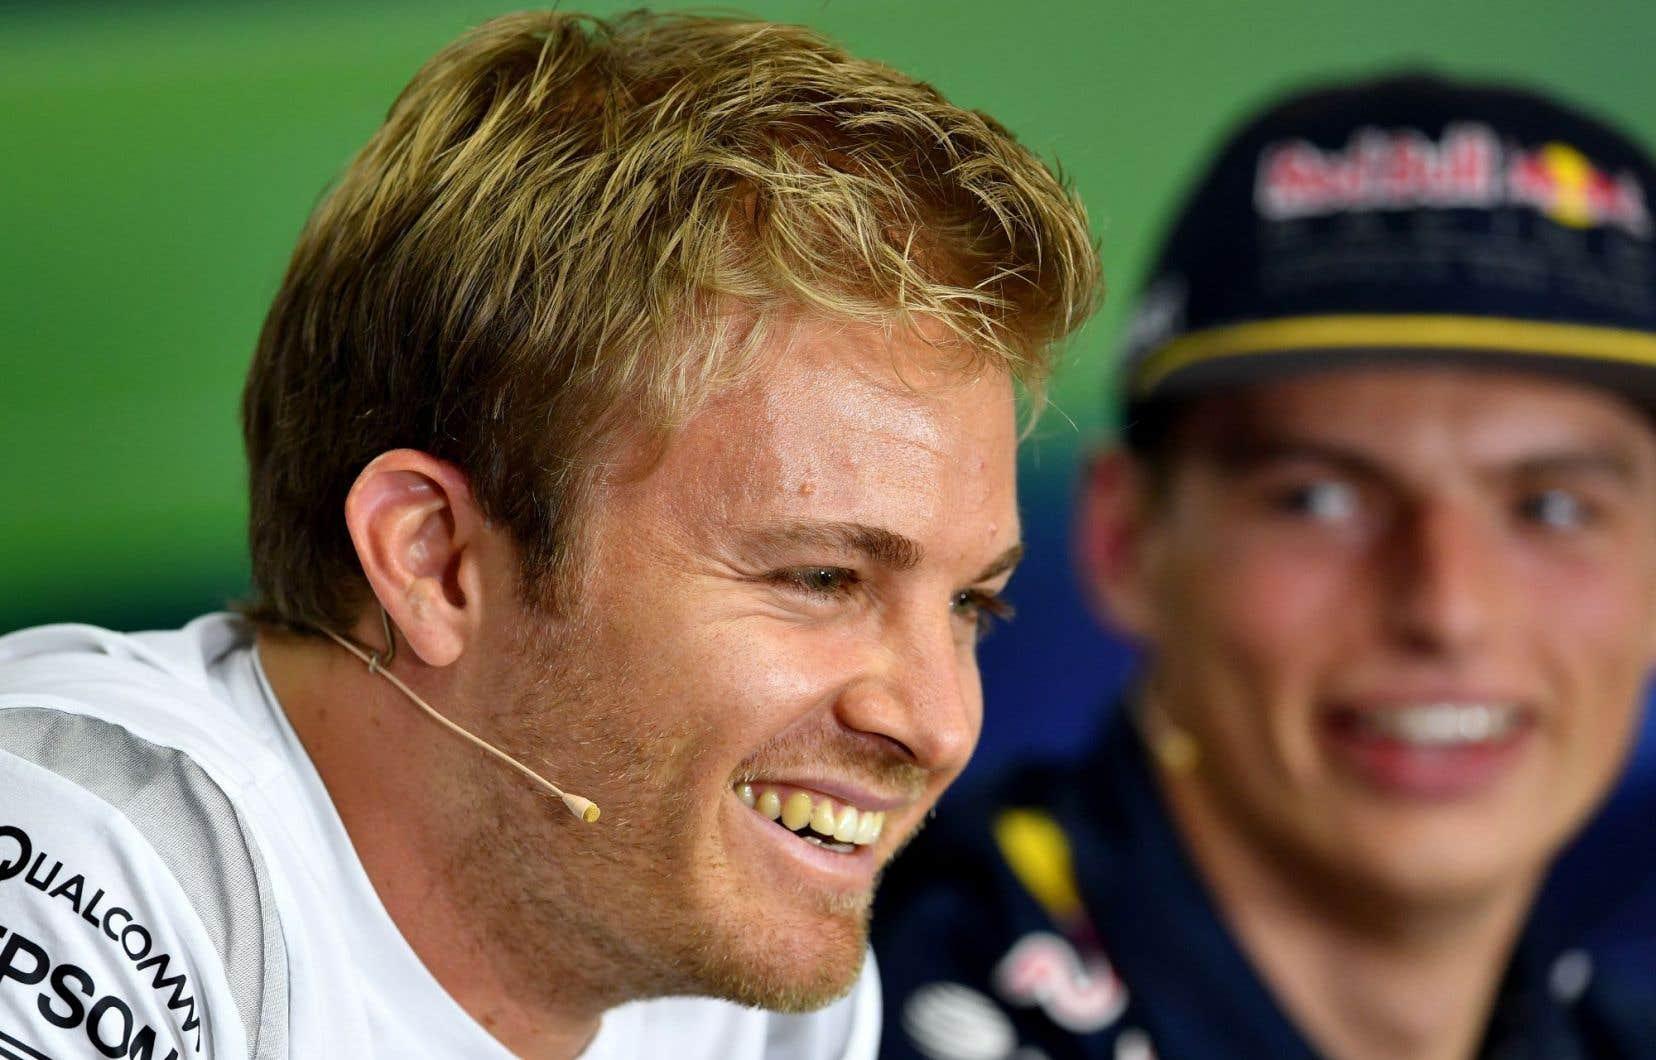 Le pilote de l'écurie Mercedes Nico Rosberg